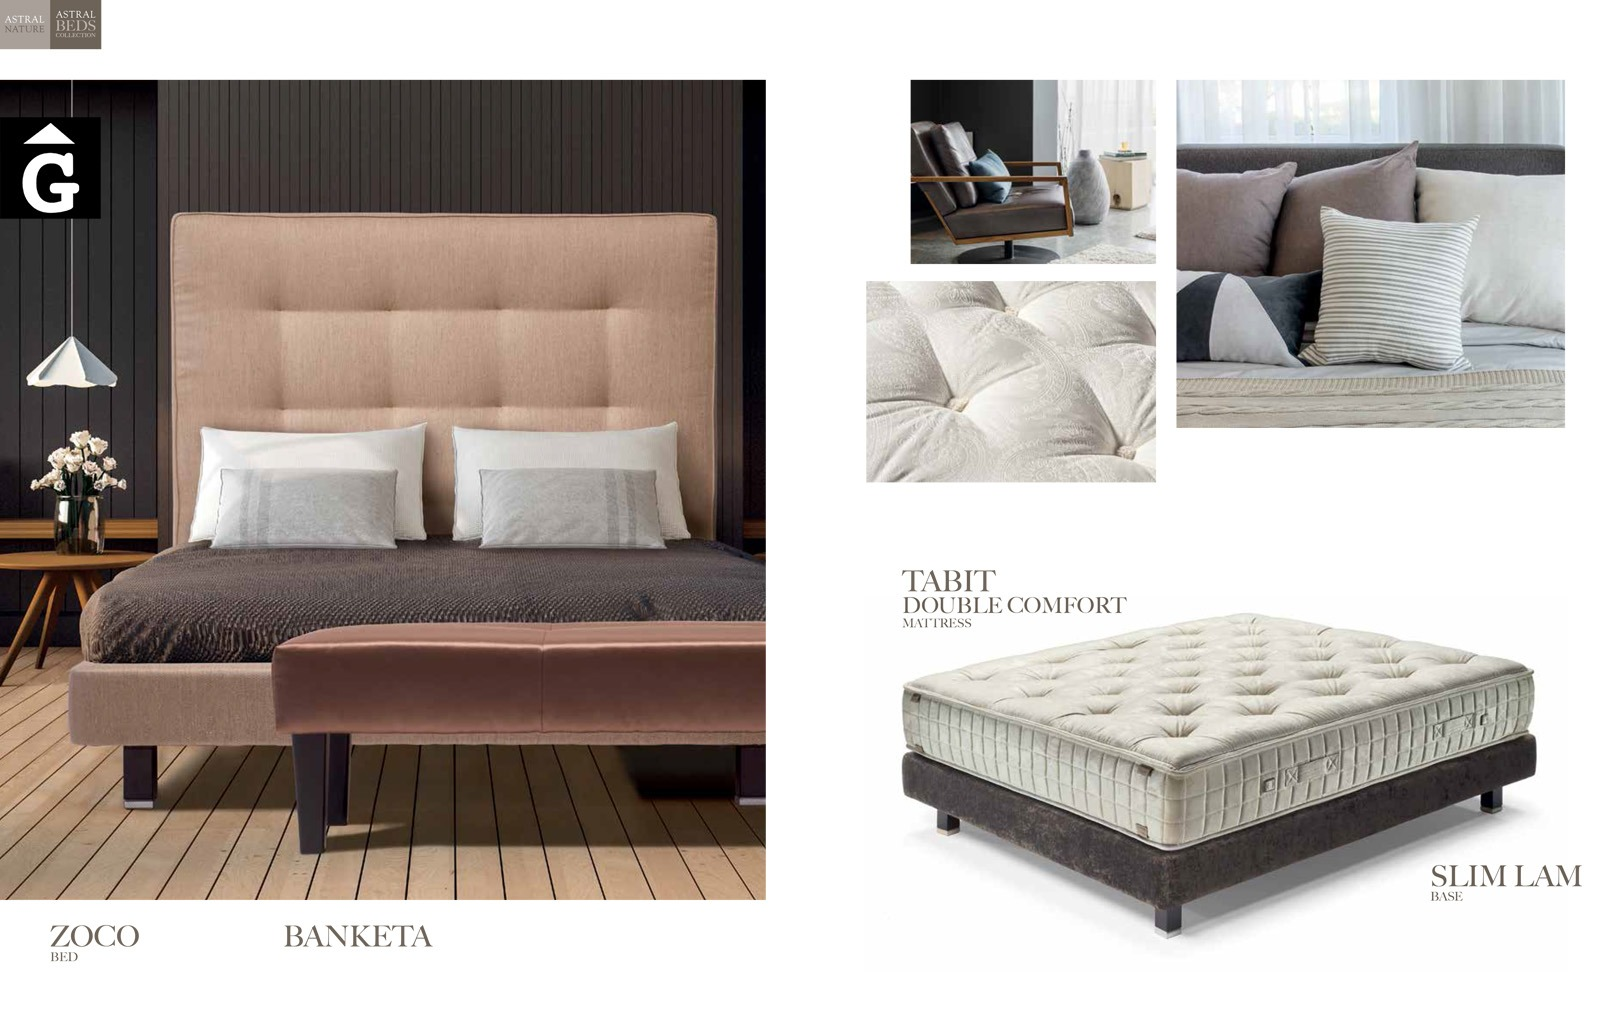 Zoco llit entapissat Beds Astral Nature descans qualitat natural i salut junts per mobles Gifreu